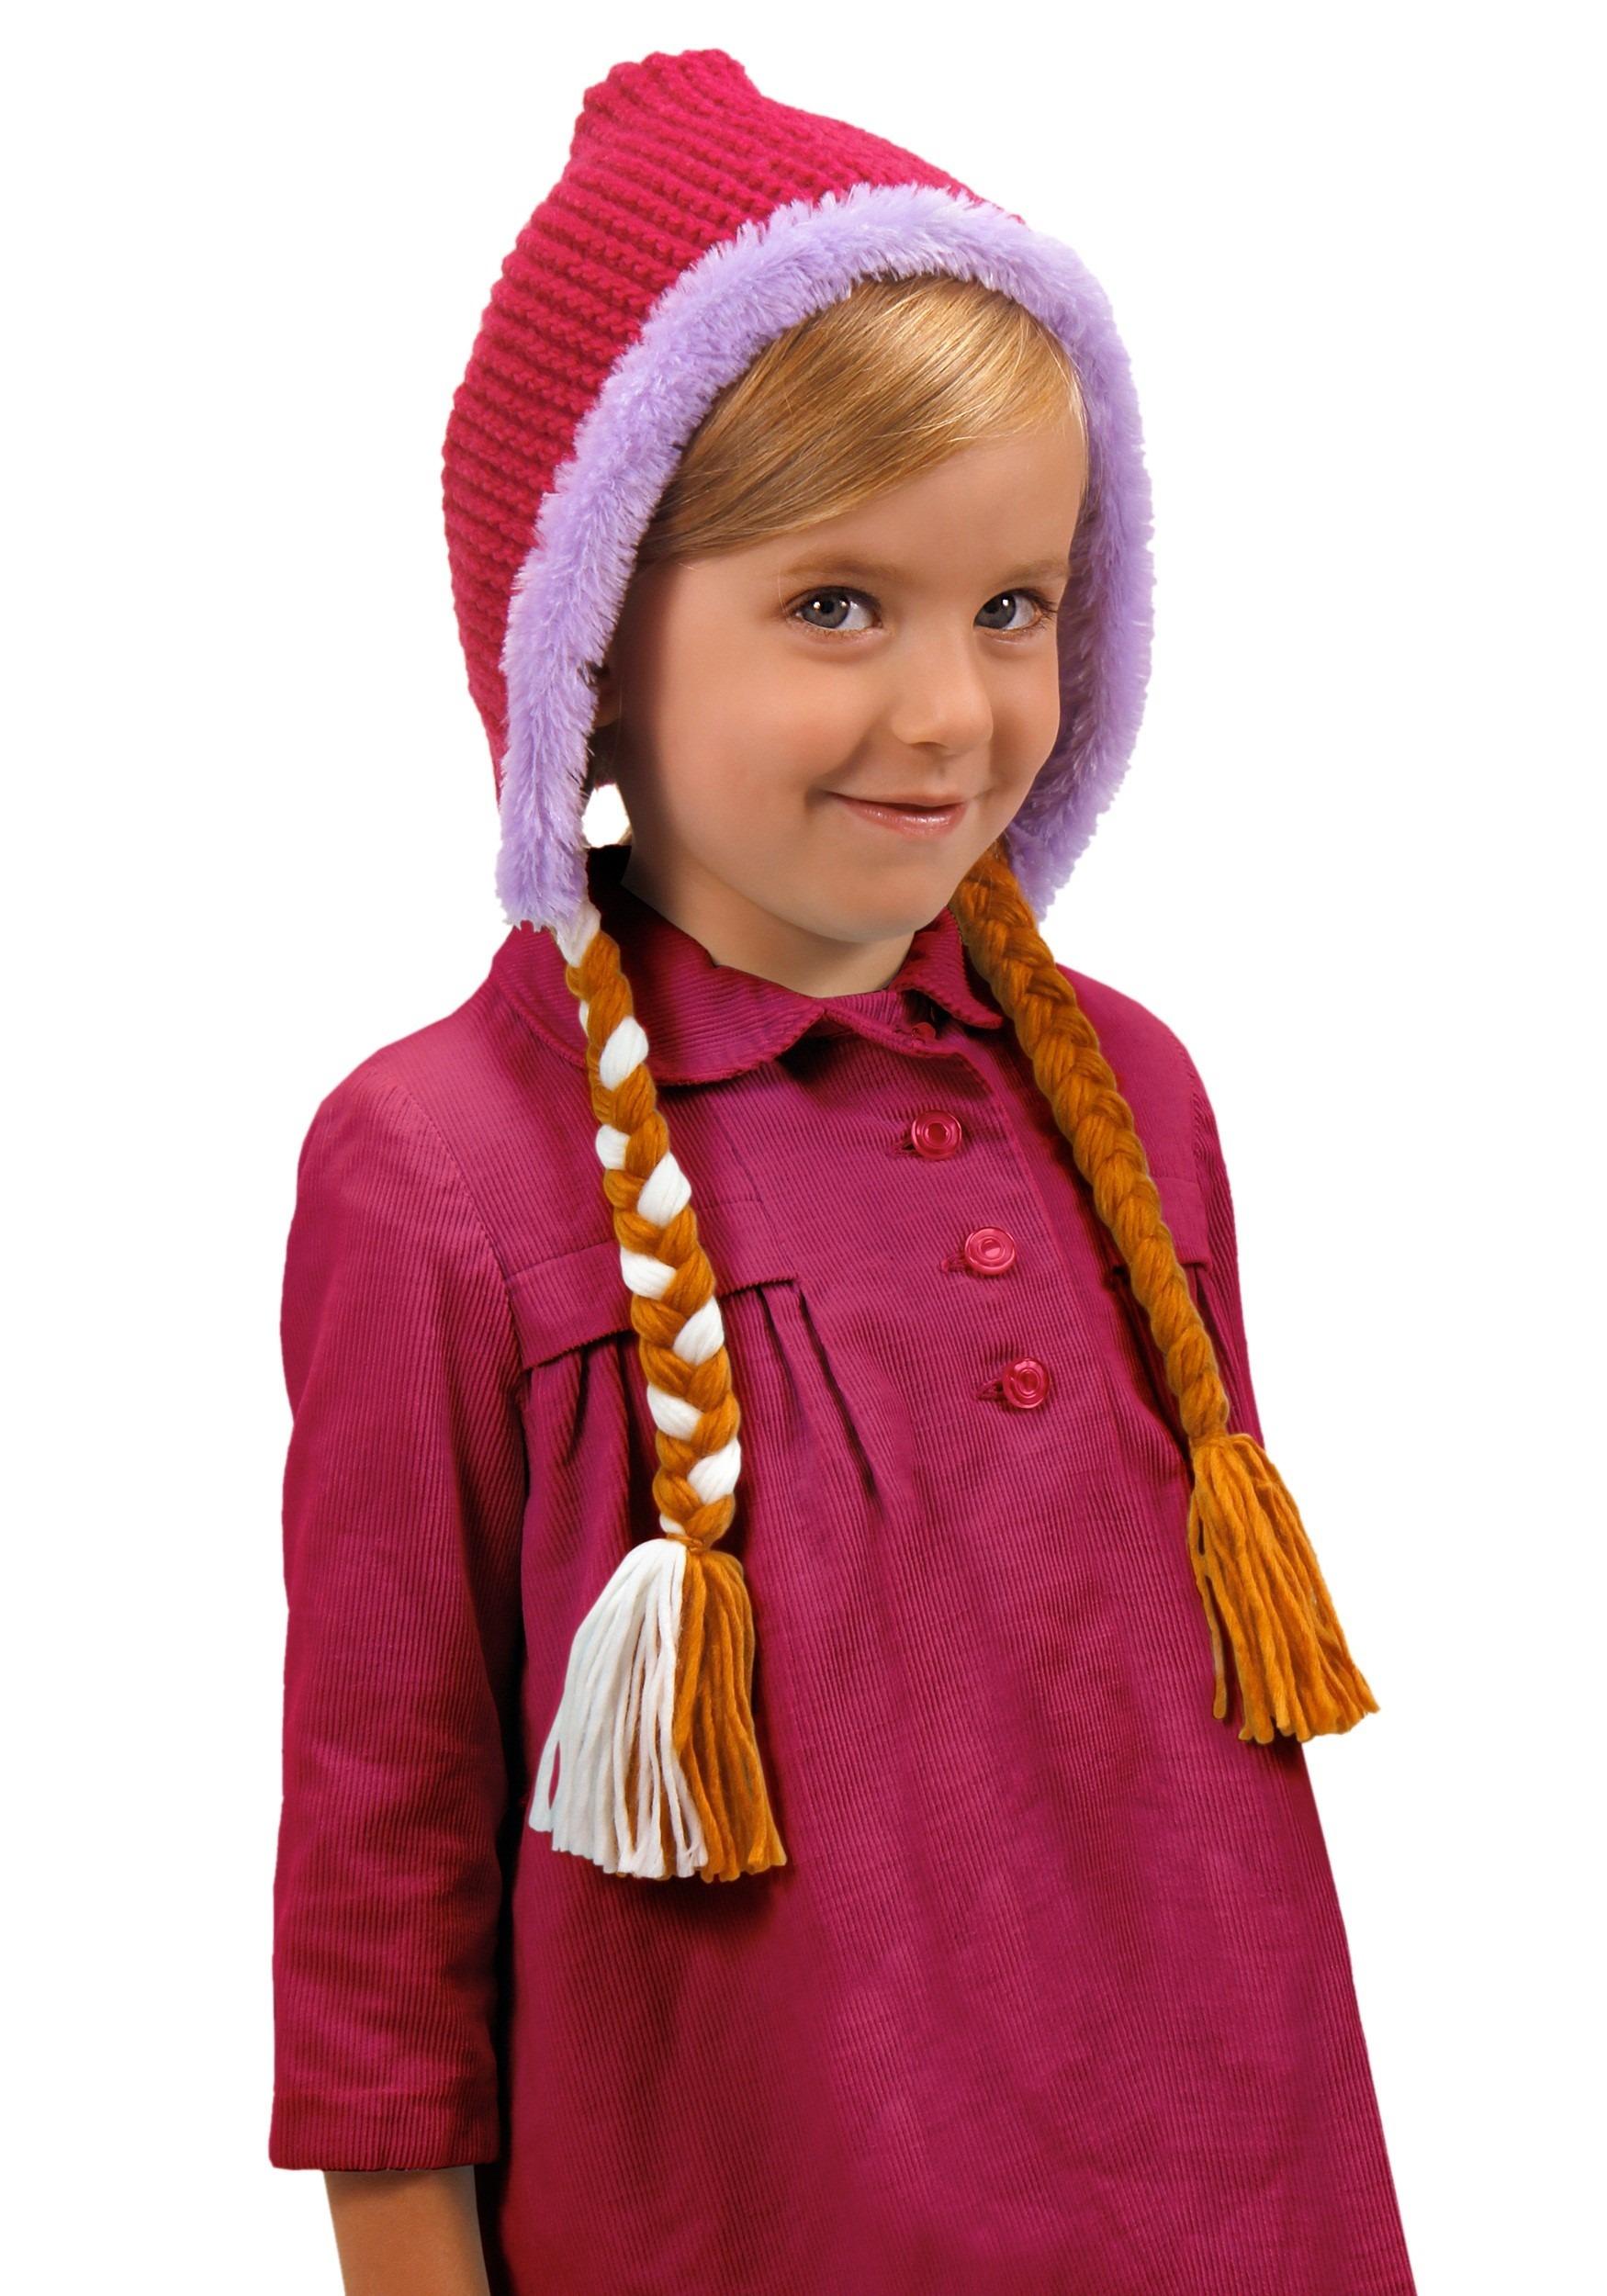 sc 1 st  Halloween Costumes & Frozen Anna Child Hat With Braids